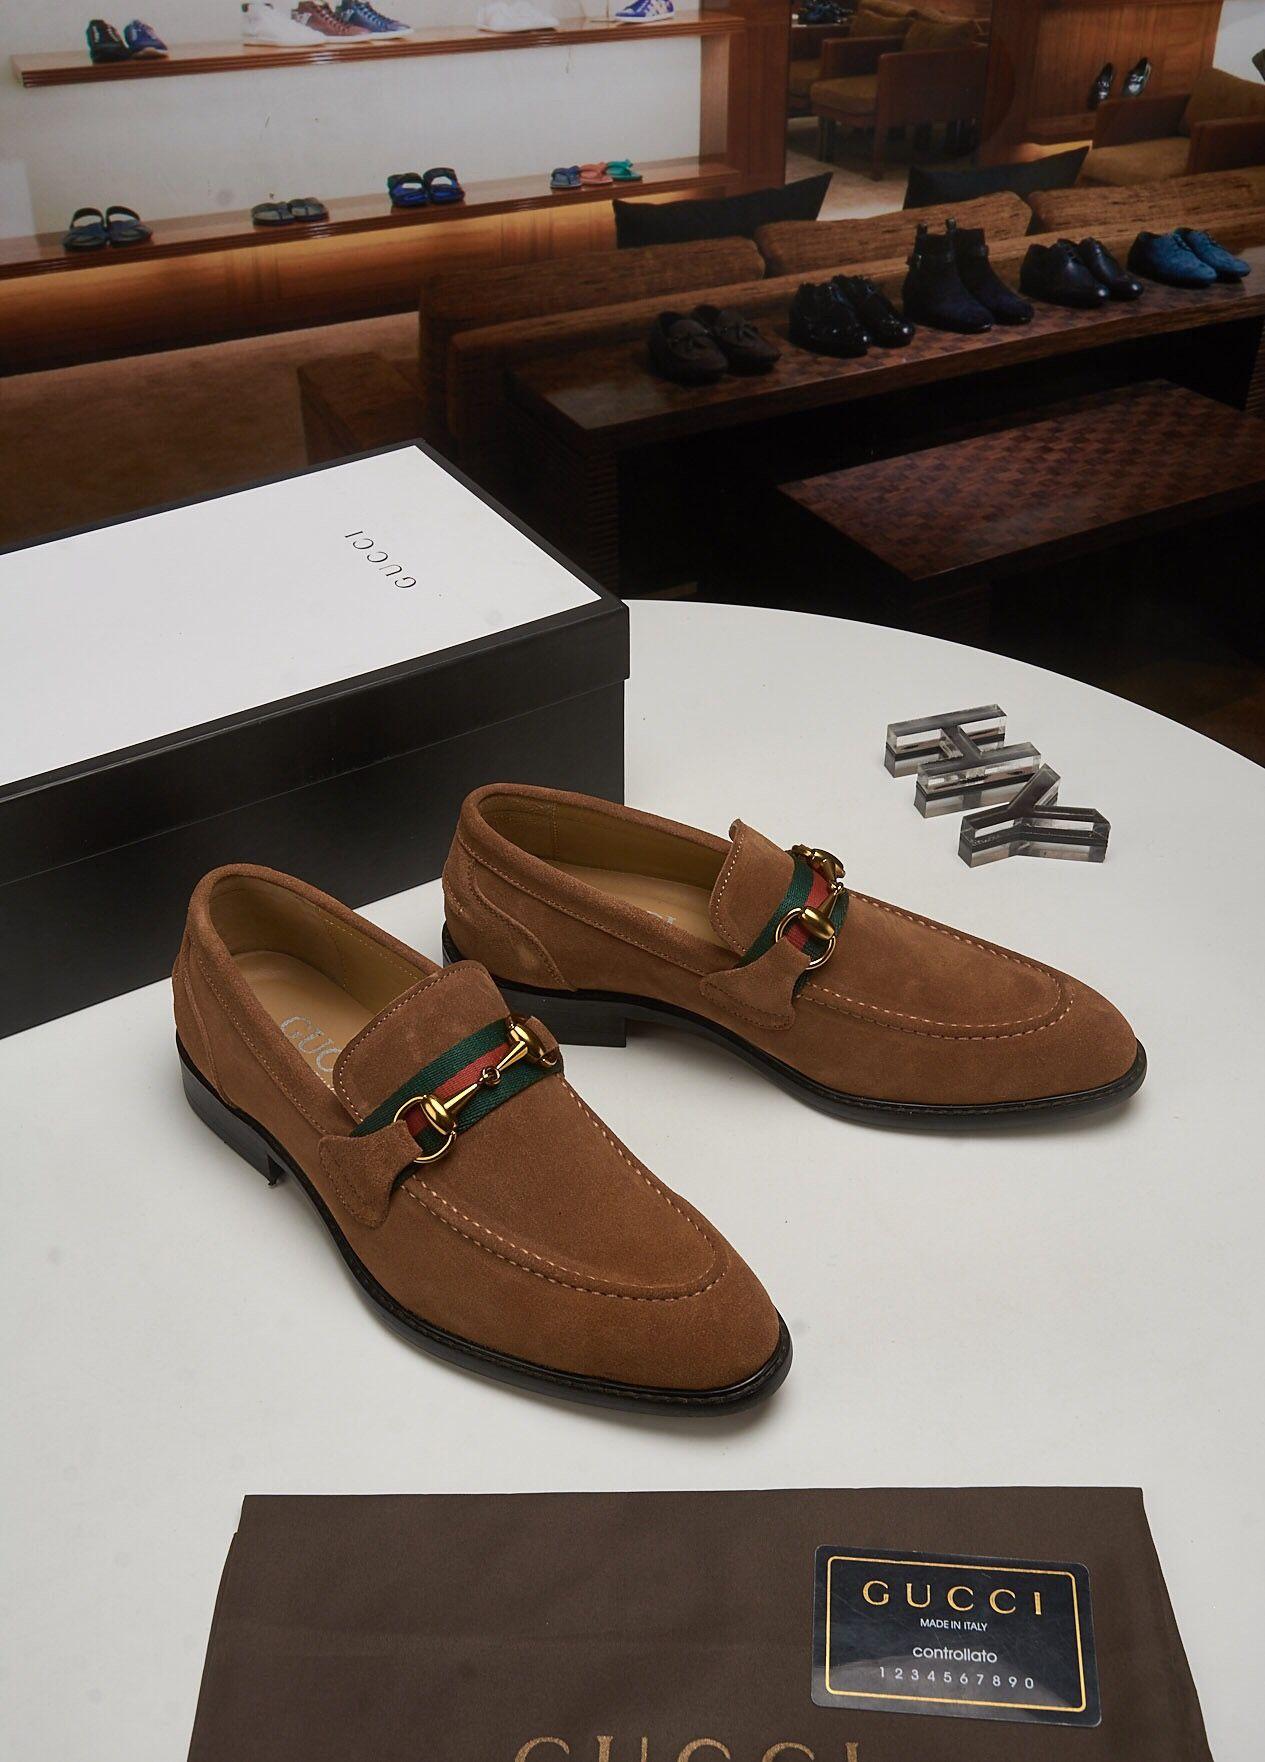 En lüks Moda Izgaralar Desen Deri loafer'lar Parlayan Pullarda Formal Elbise Ayakkabı Büyük Beden Erkek Düğün Ayakkabıları 2018 Yeni